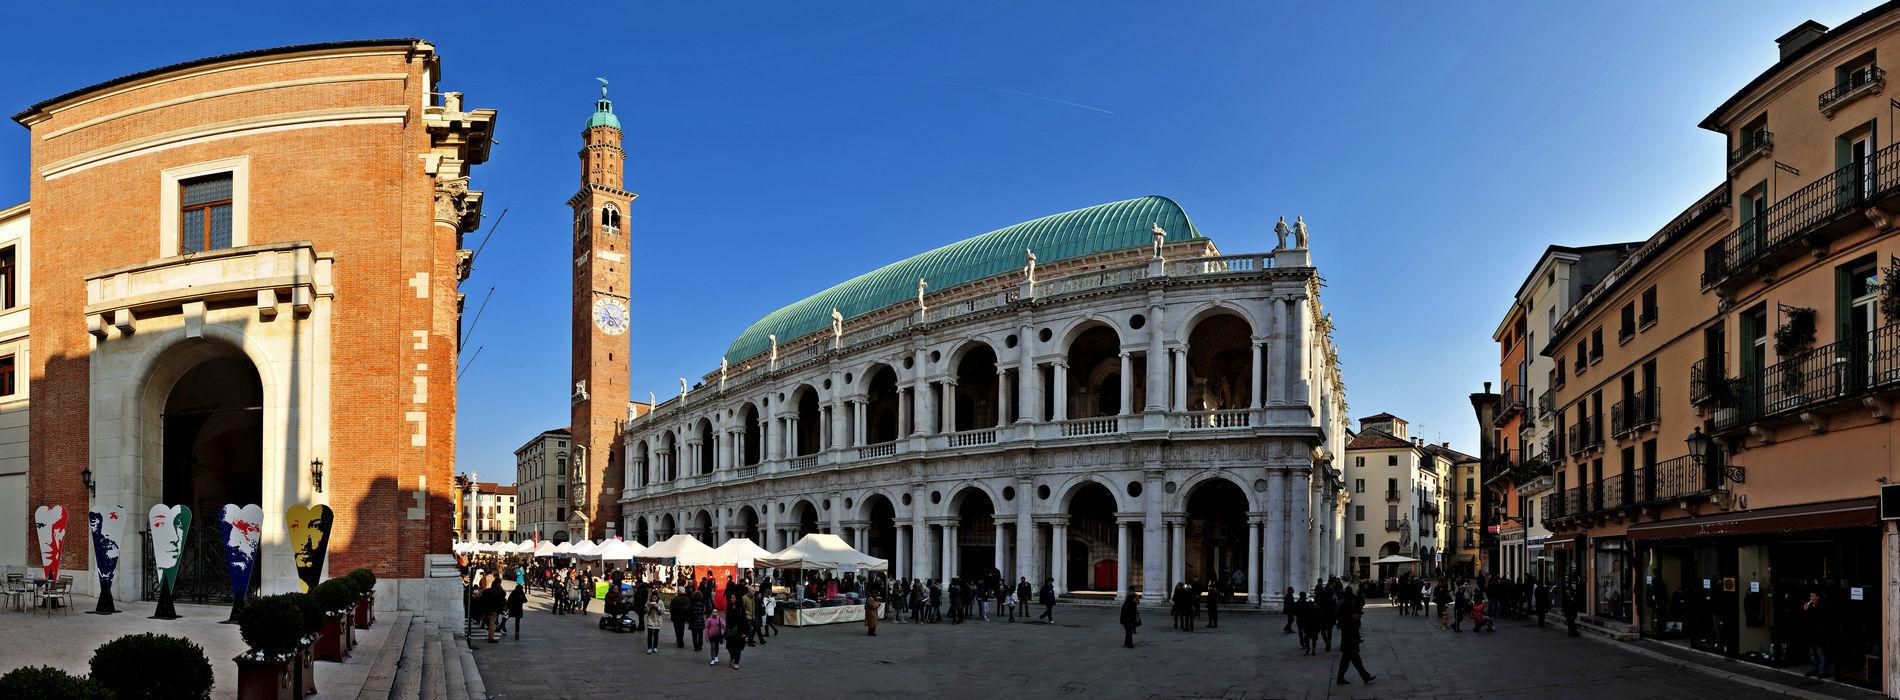 Vicenza costo serramenti preventivo con prezzi online for Preventivo finestre online